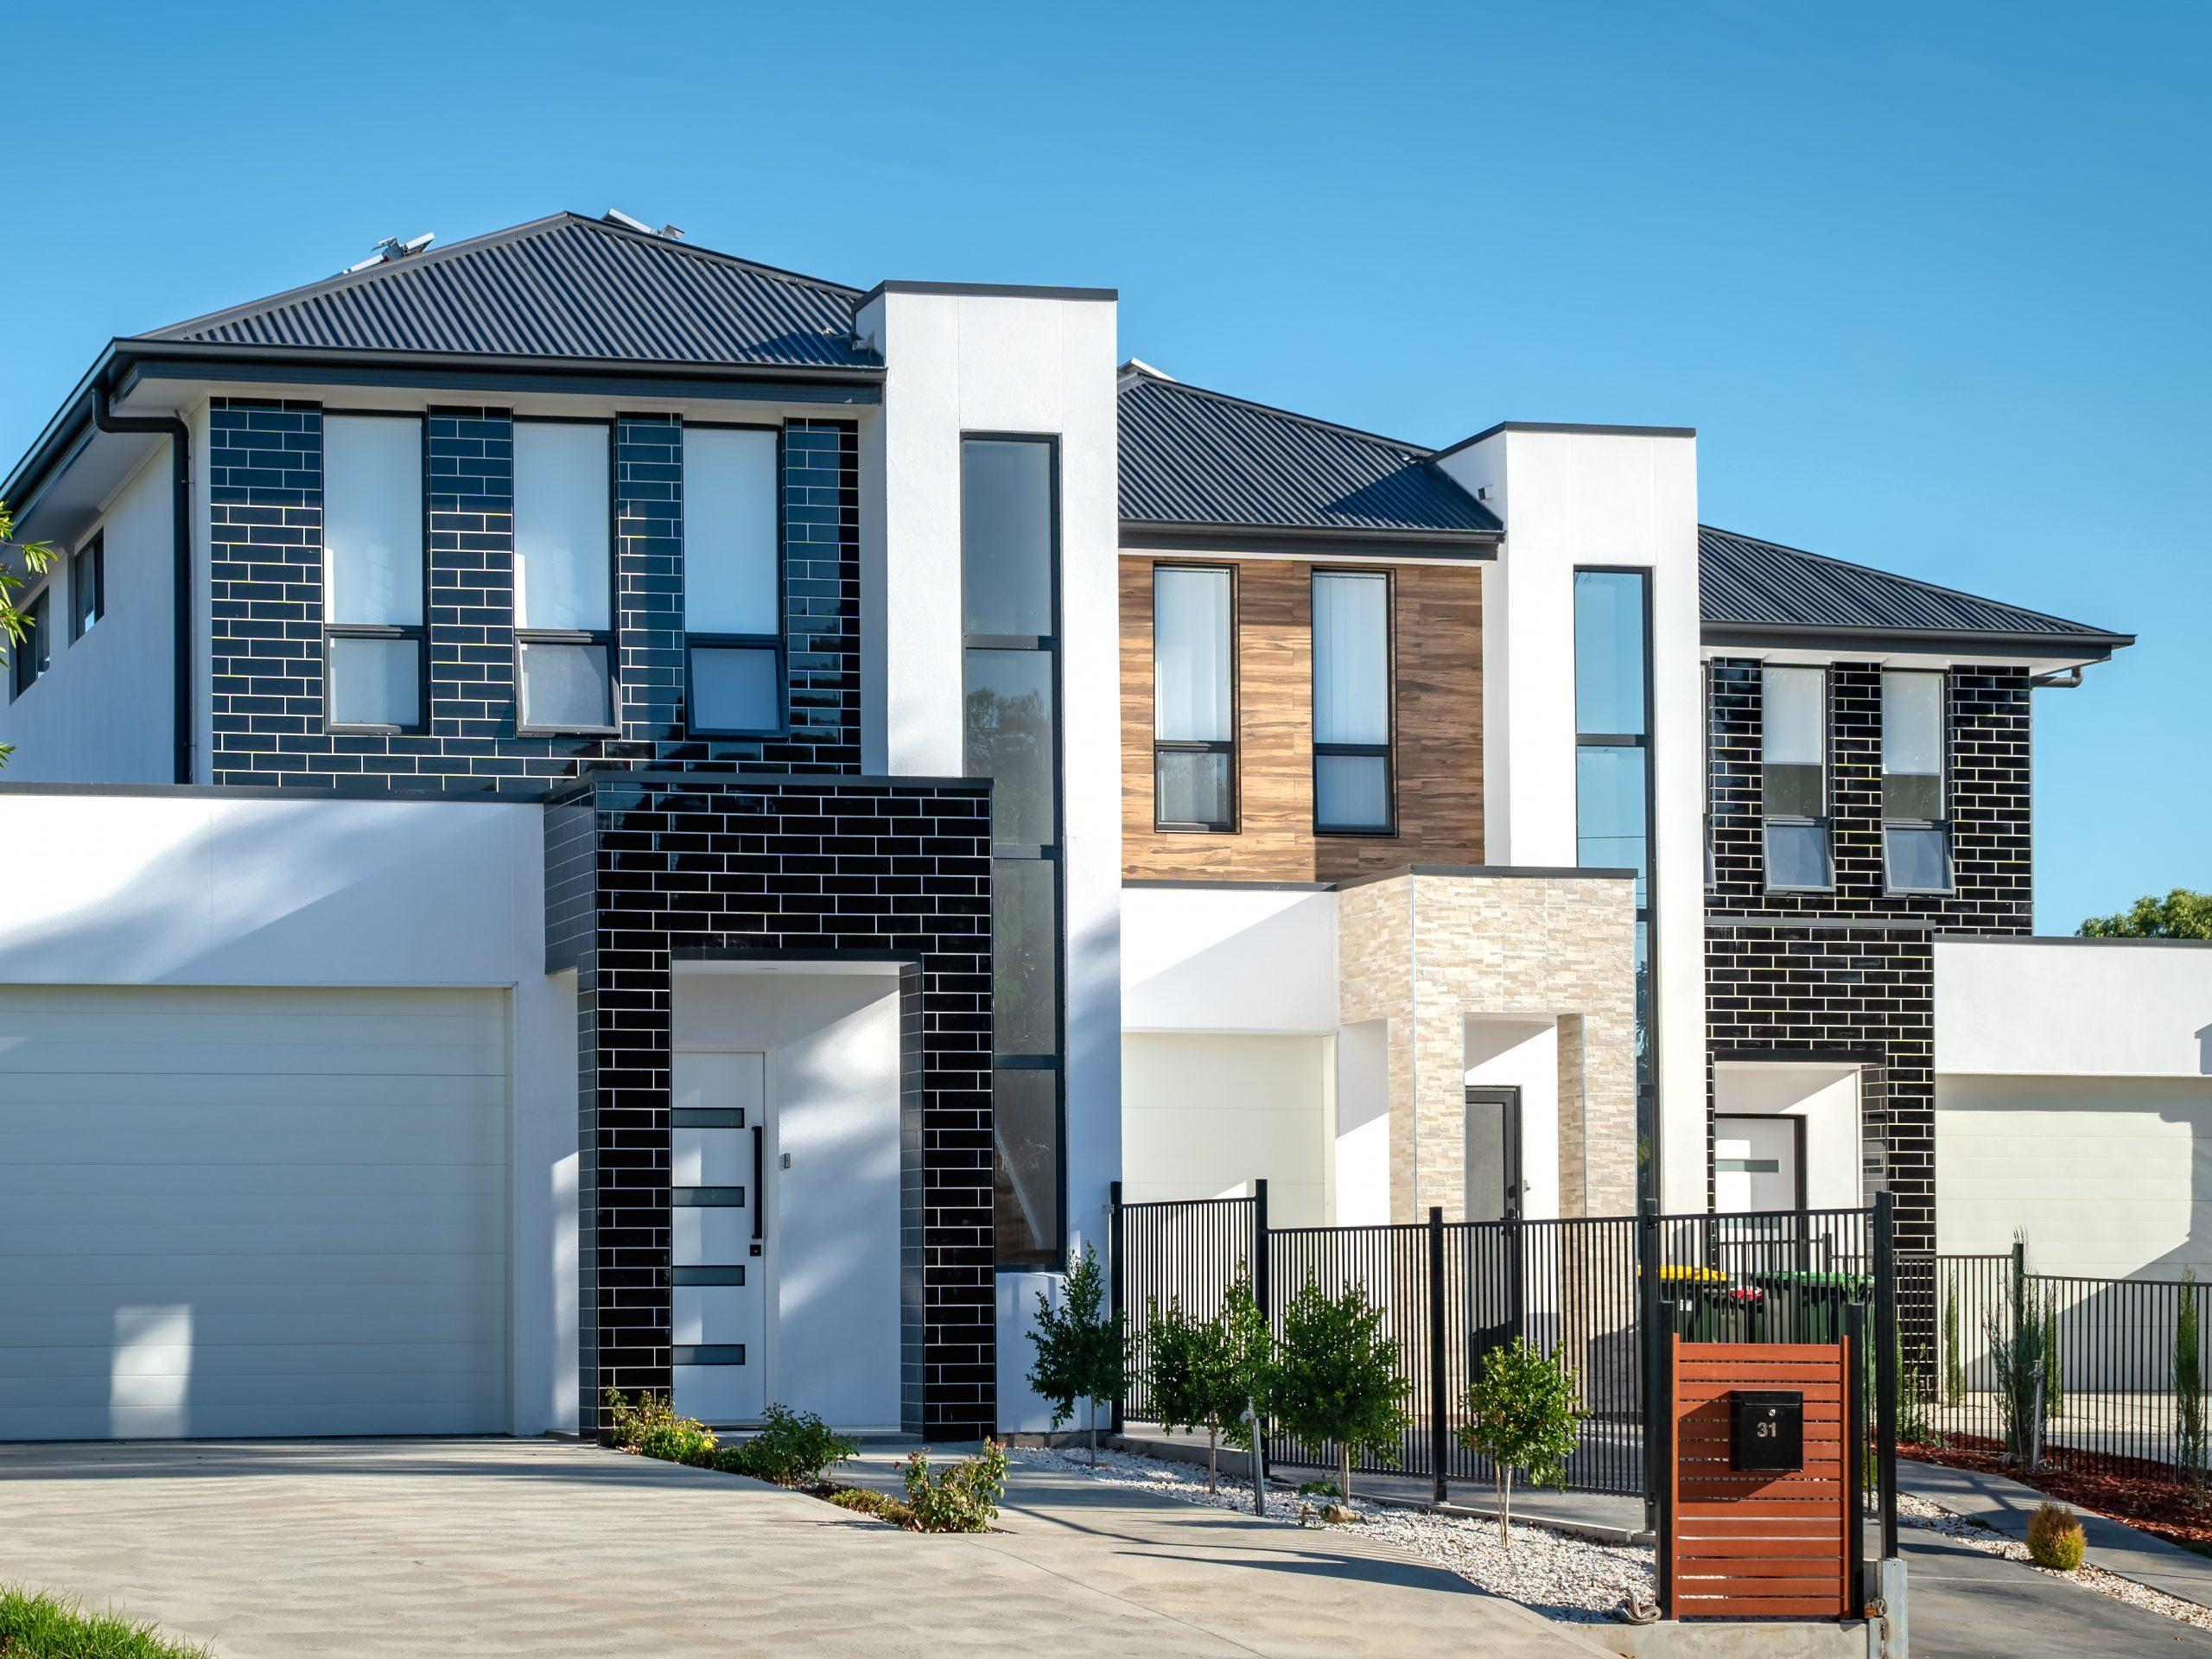 Ingle Farm - Pandanya - HBC Homes Adelaide - _PRO0112-HDR-Edit